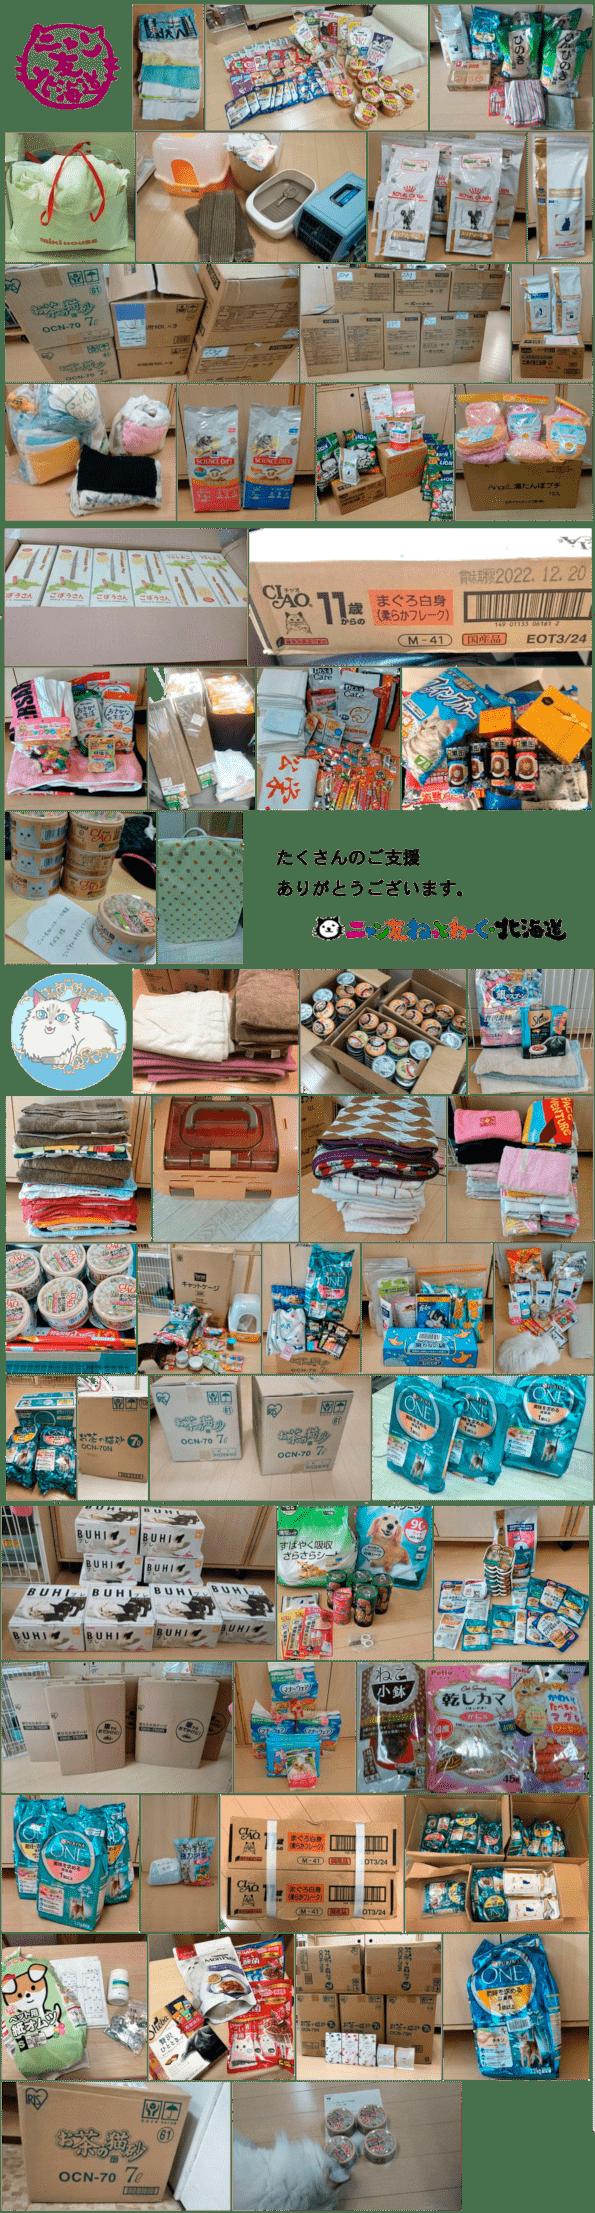 支援物資2月2